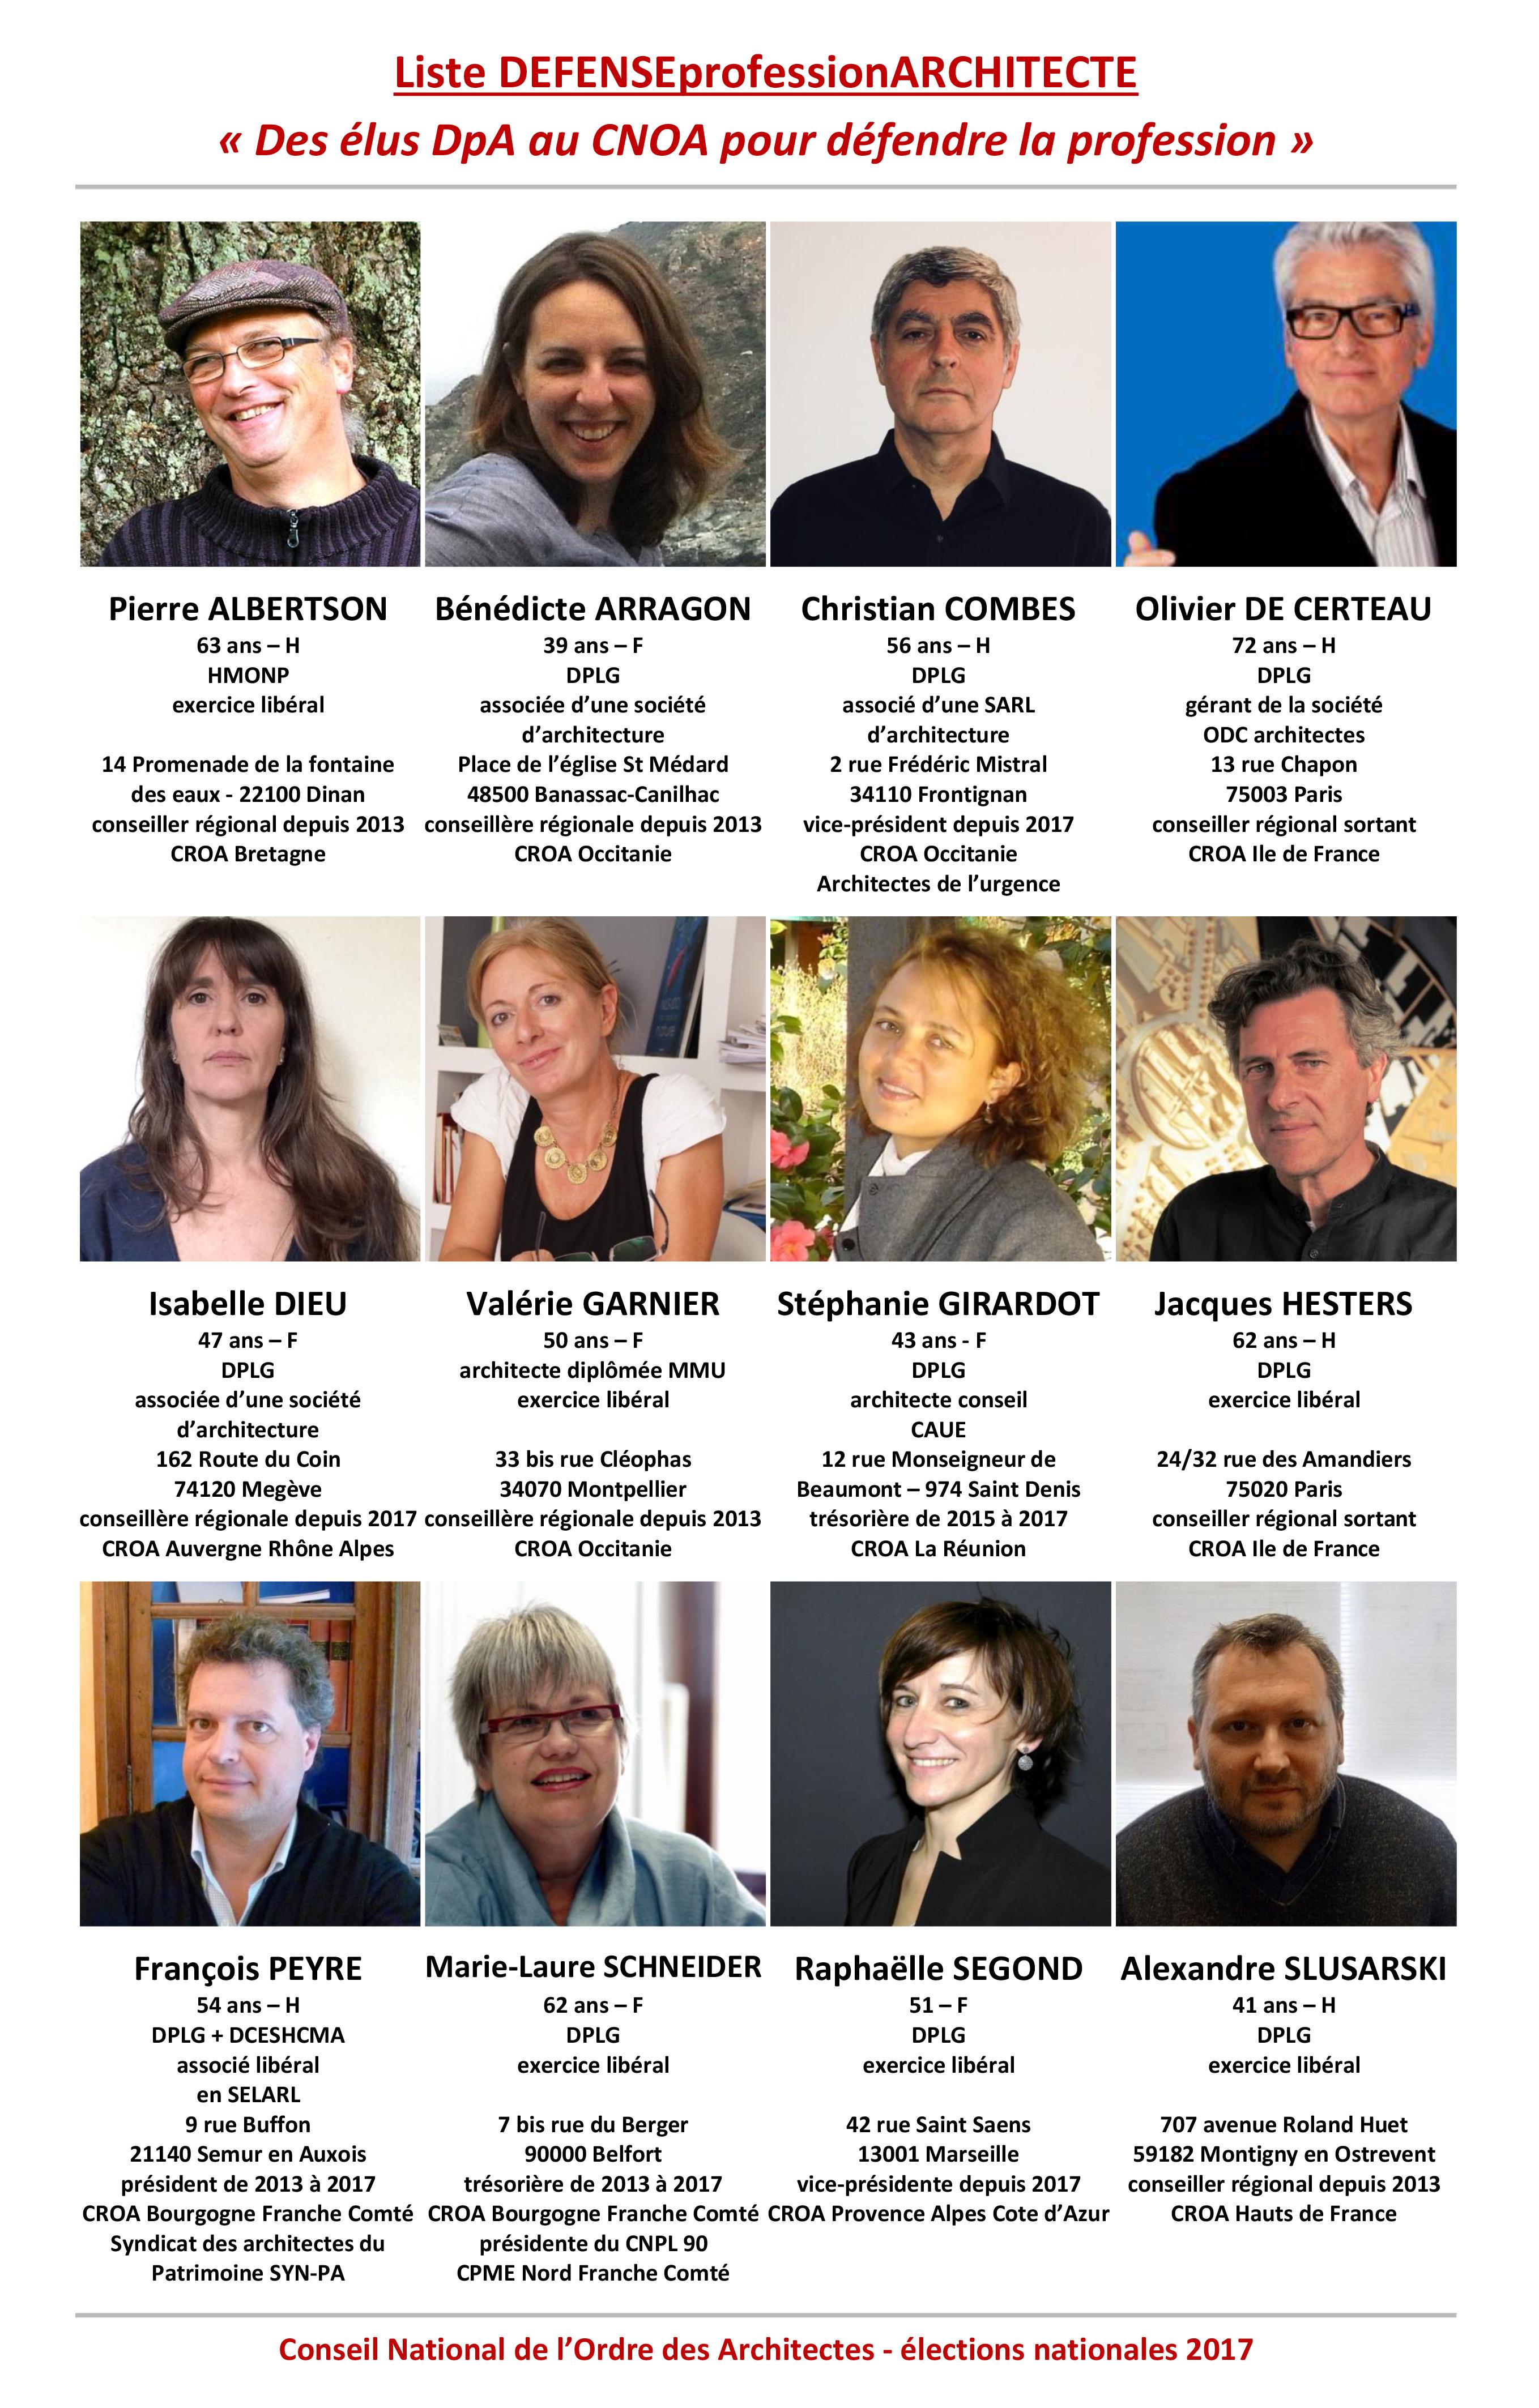 Liste Ordre Des Architectes Élections du cnoa 2017 – liste des candidats dpa   défense